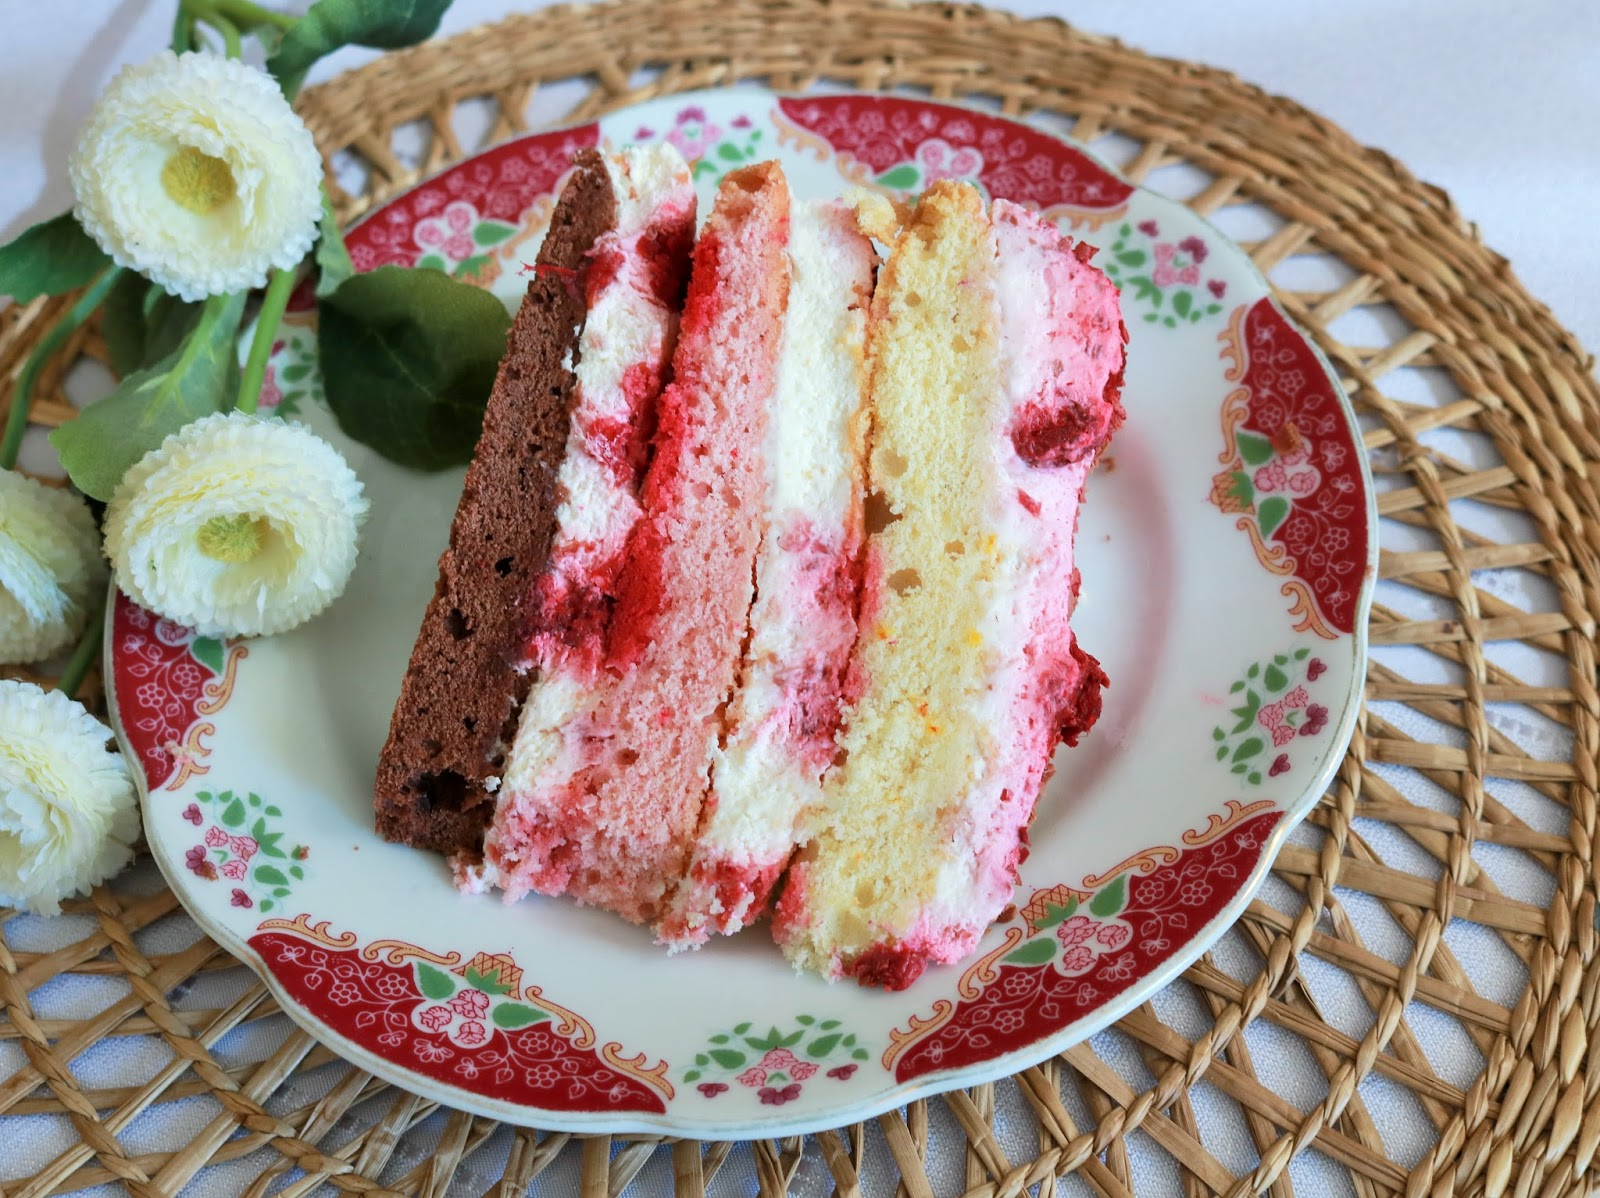 tort z malinami i śmietaną